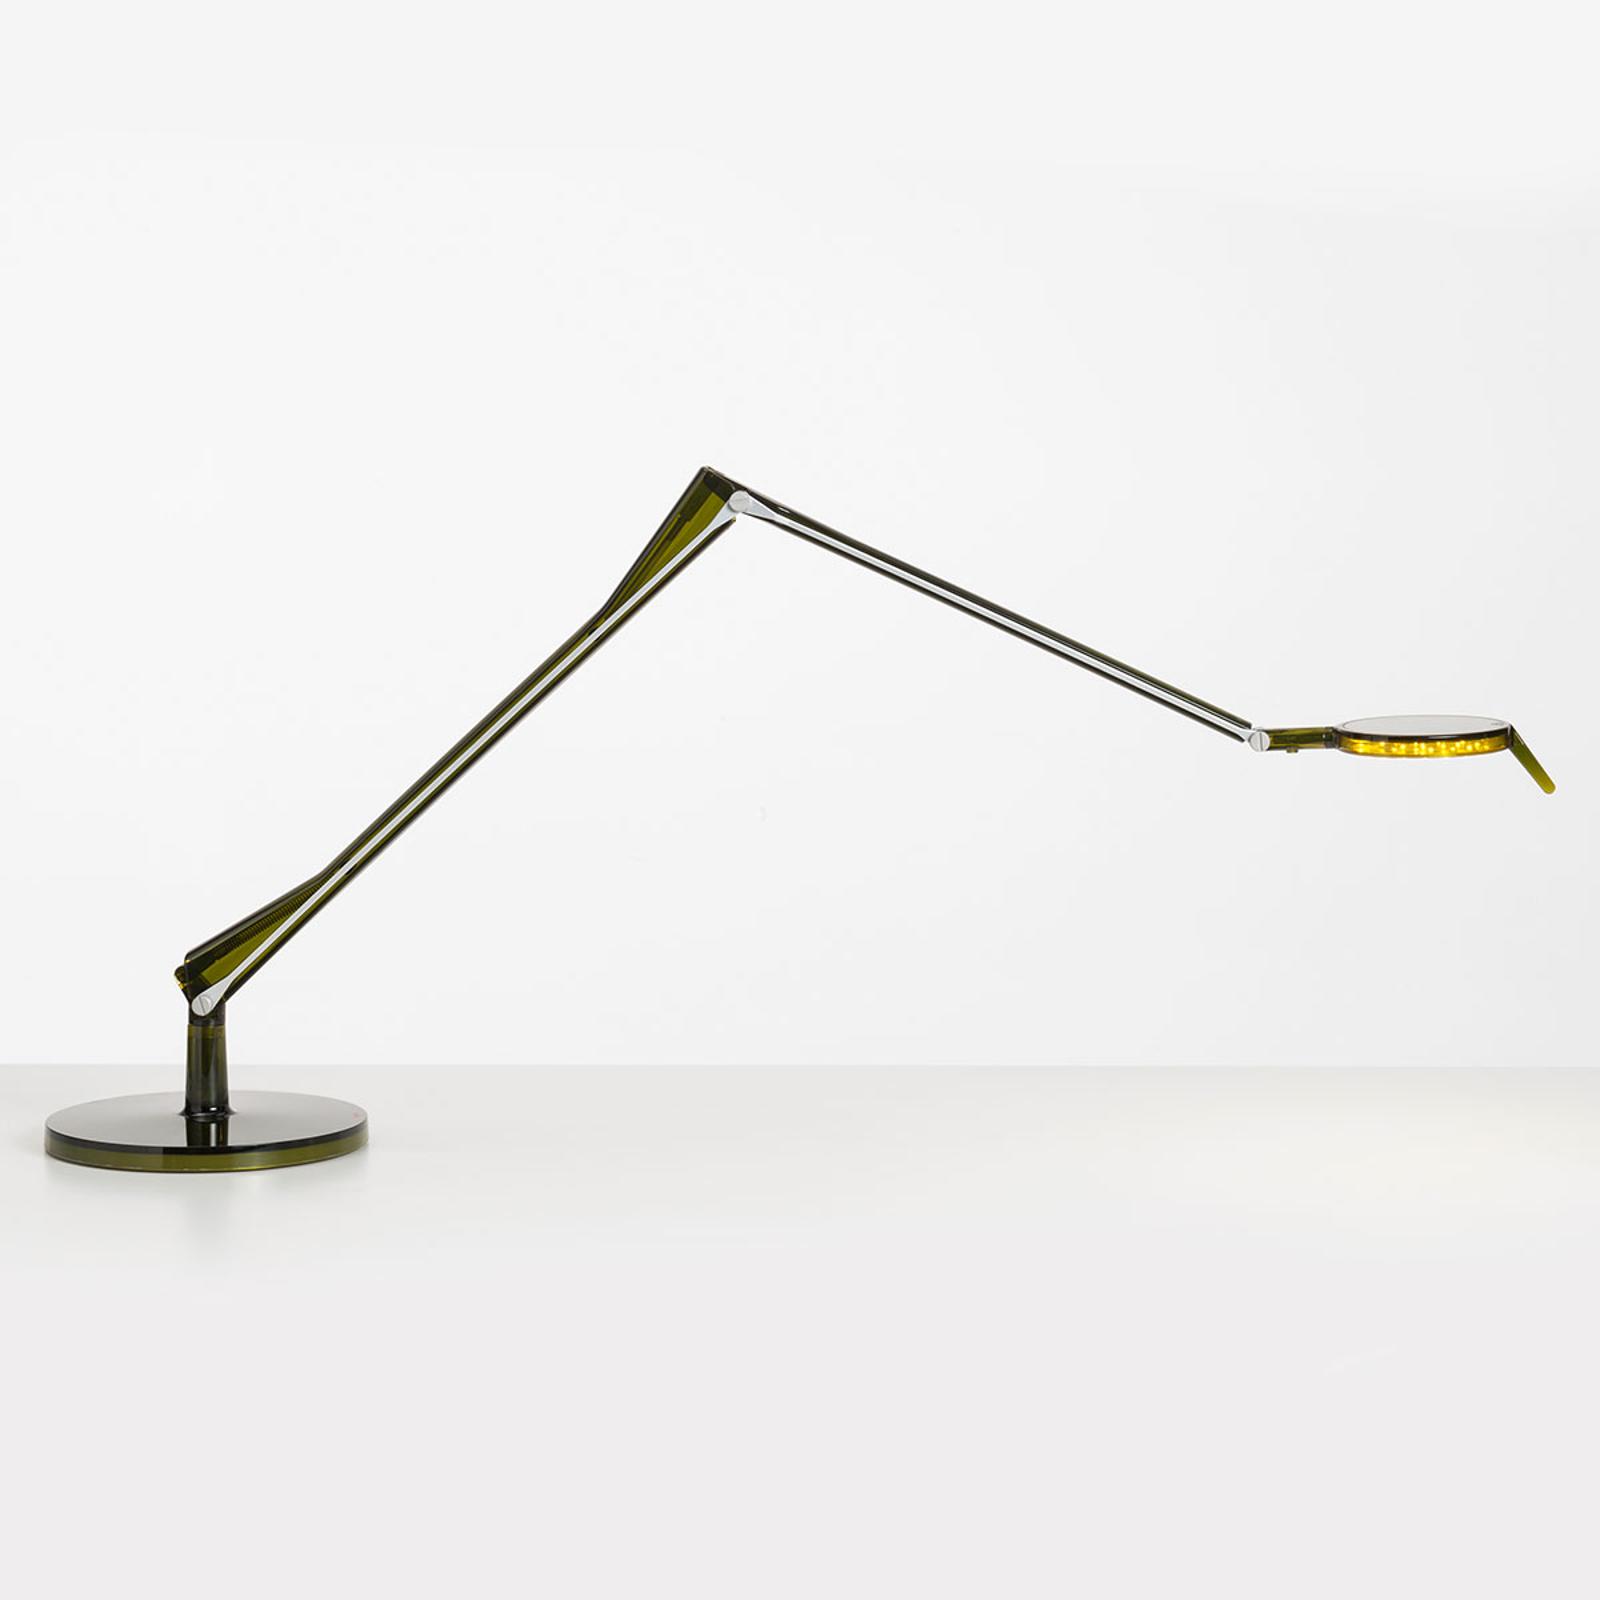 Aledin Tec LED tafellamp met scharnieren, groen